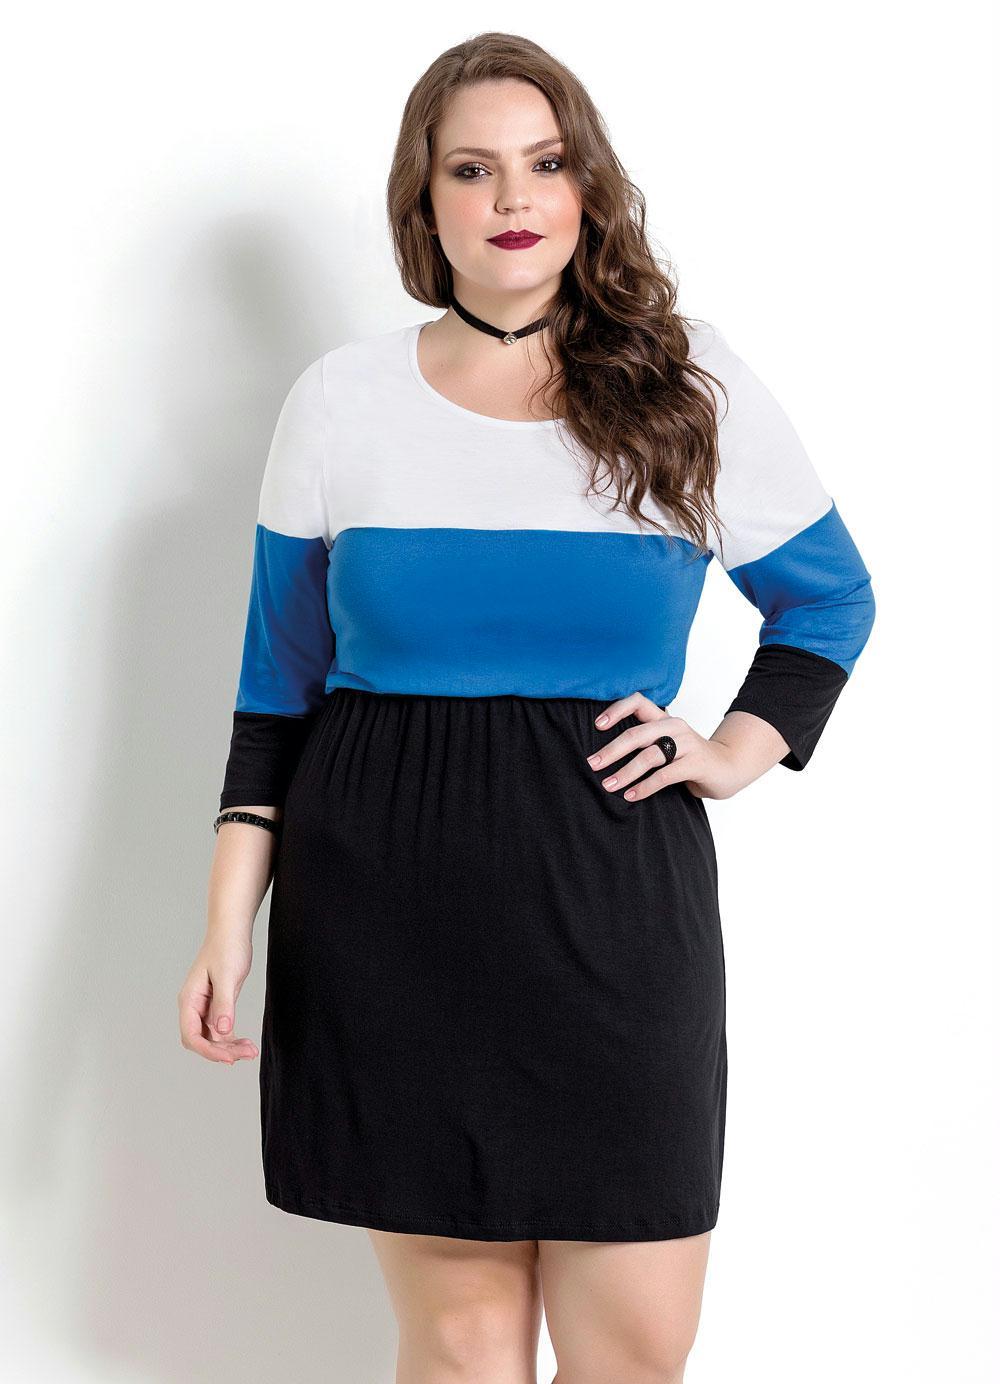 20c4167e7 Vestido Branco, Azul e Preto Quintess Plus Size - Quintess